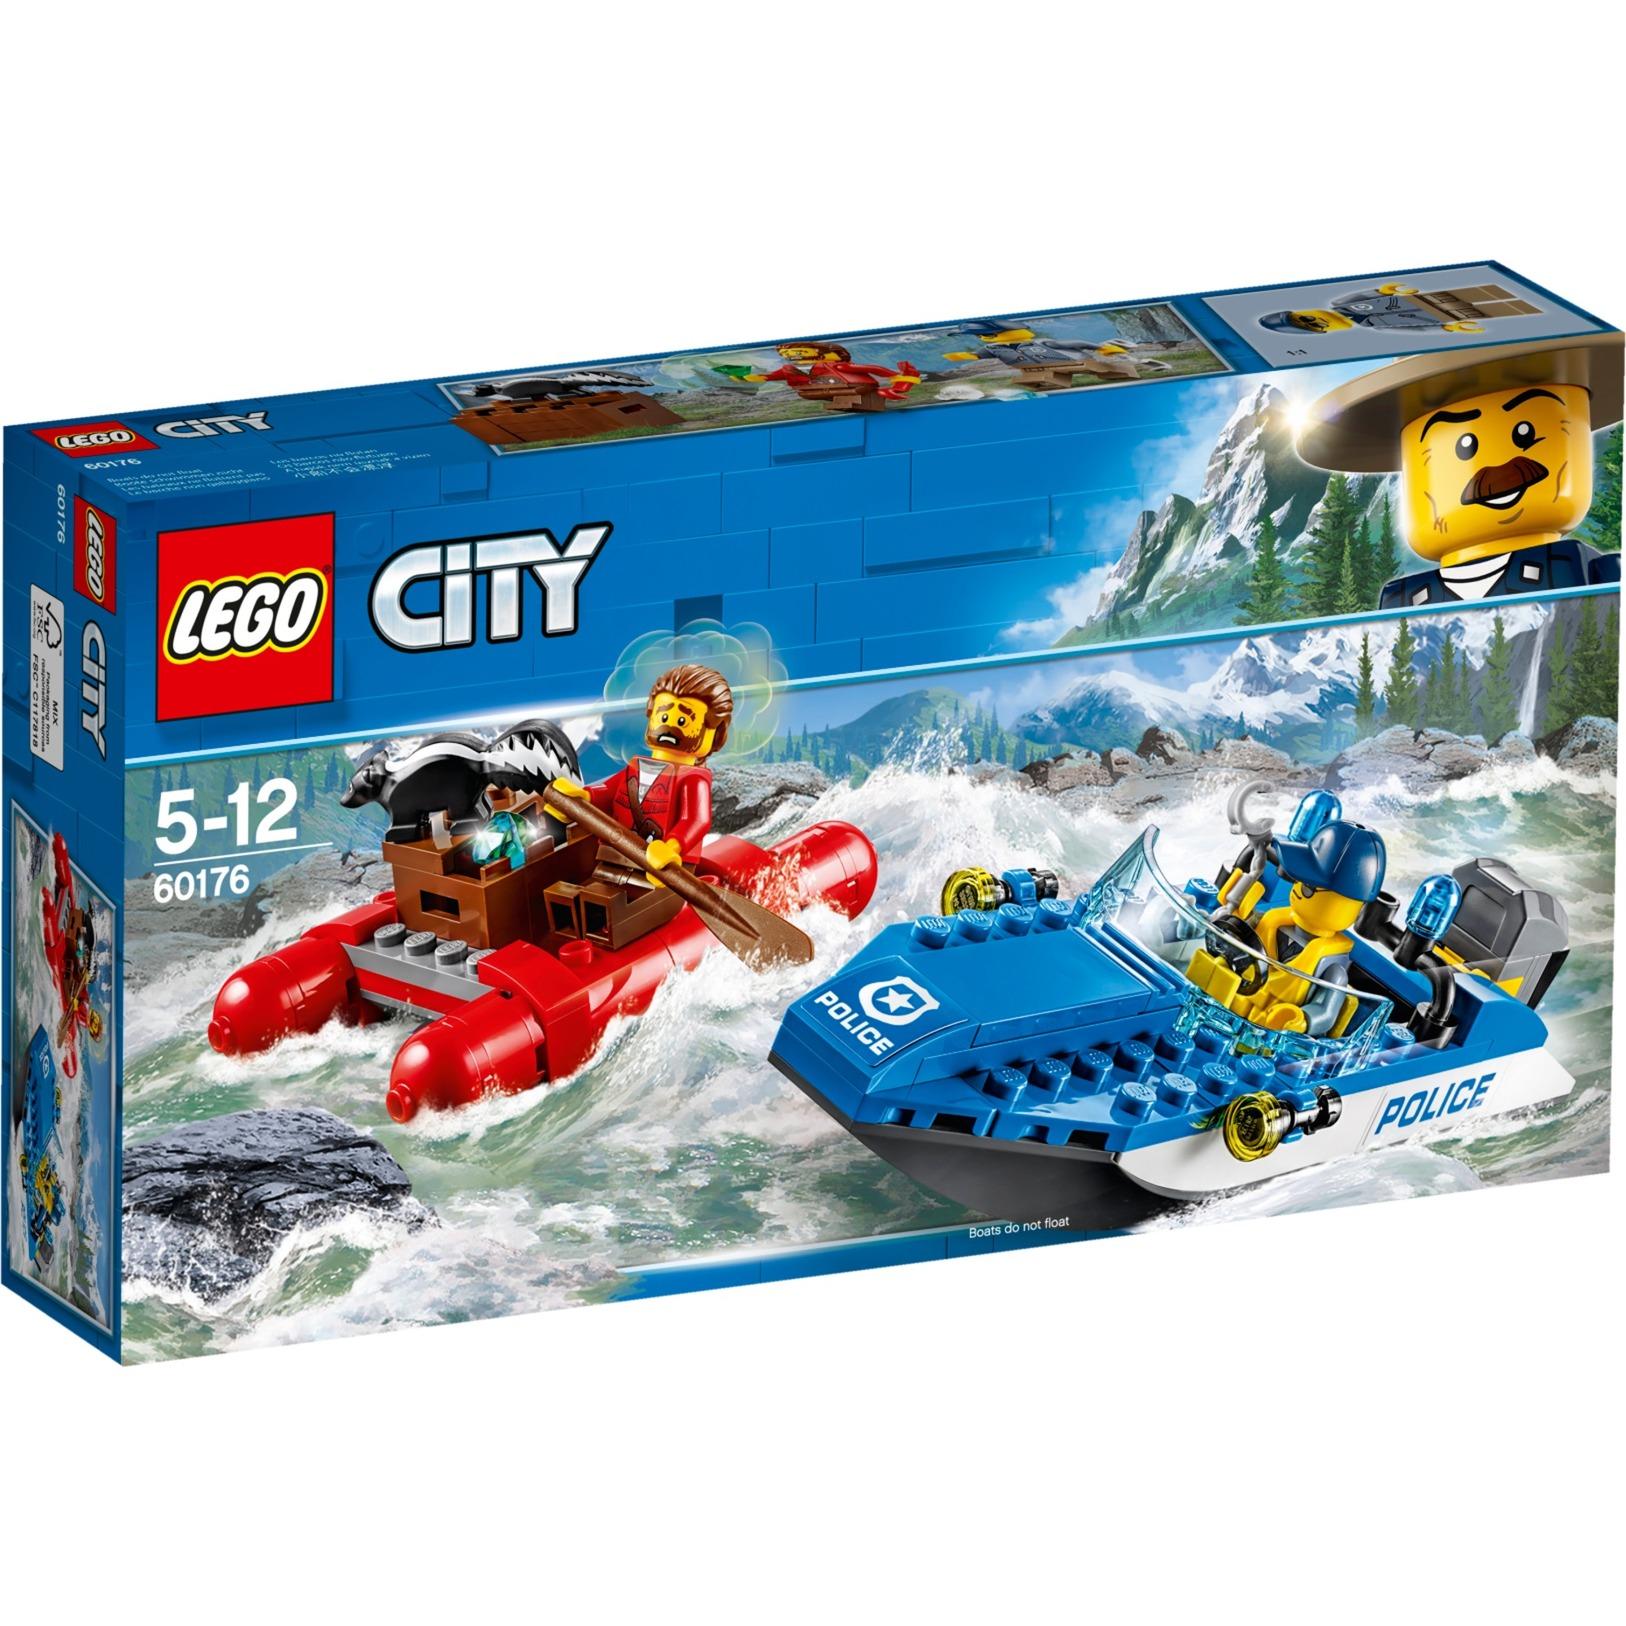 City 60176 Escape en Aguas Salvajes, Juegos de construcción